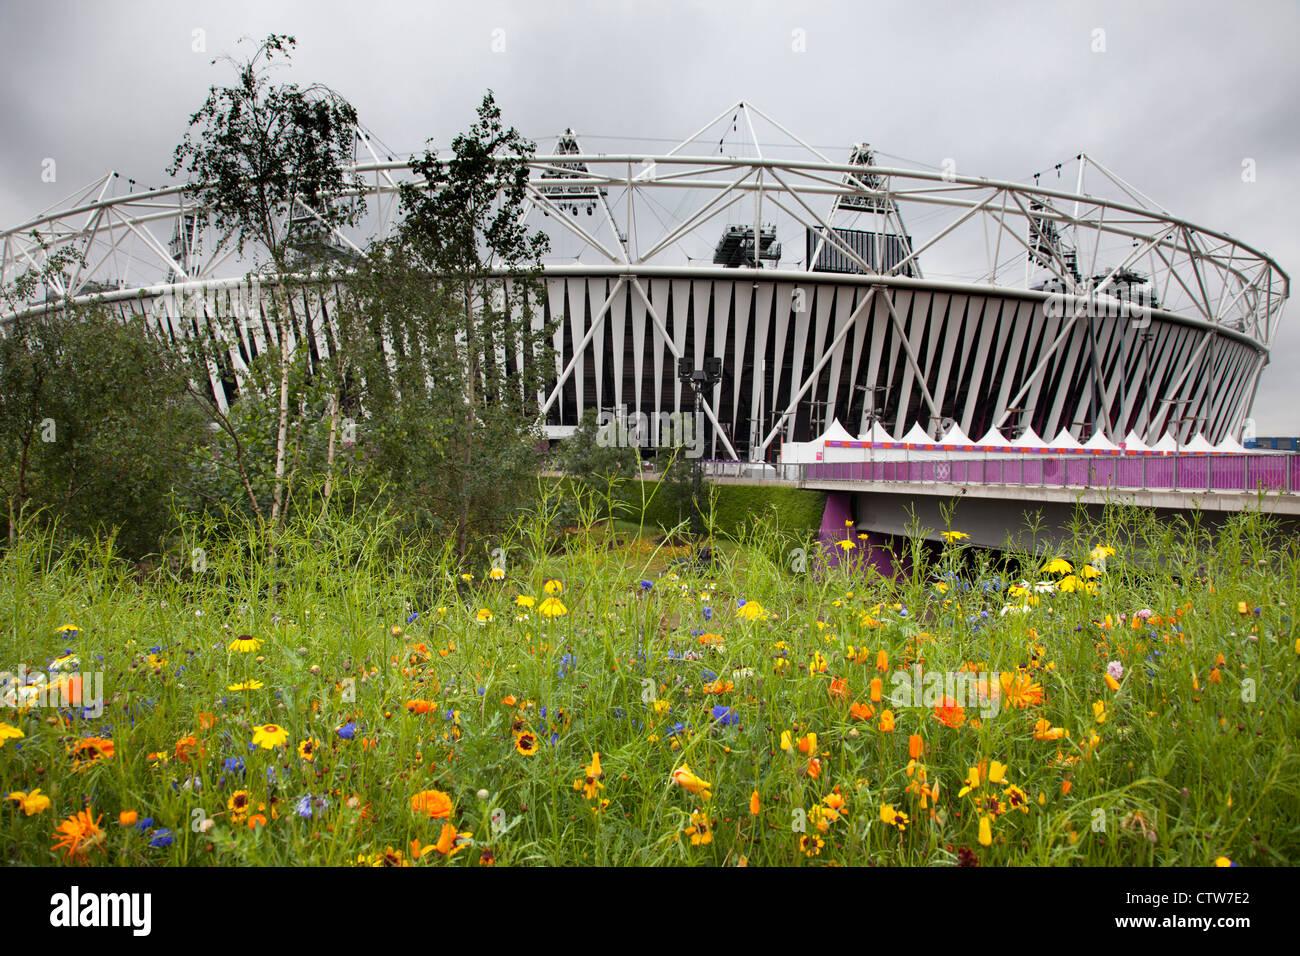 London 2012 Olympic Park in Stratford. Die Website ist eine wunderschöne Landschaft mit Gärten von allem blühenden Stockfoto